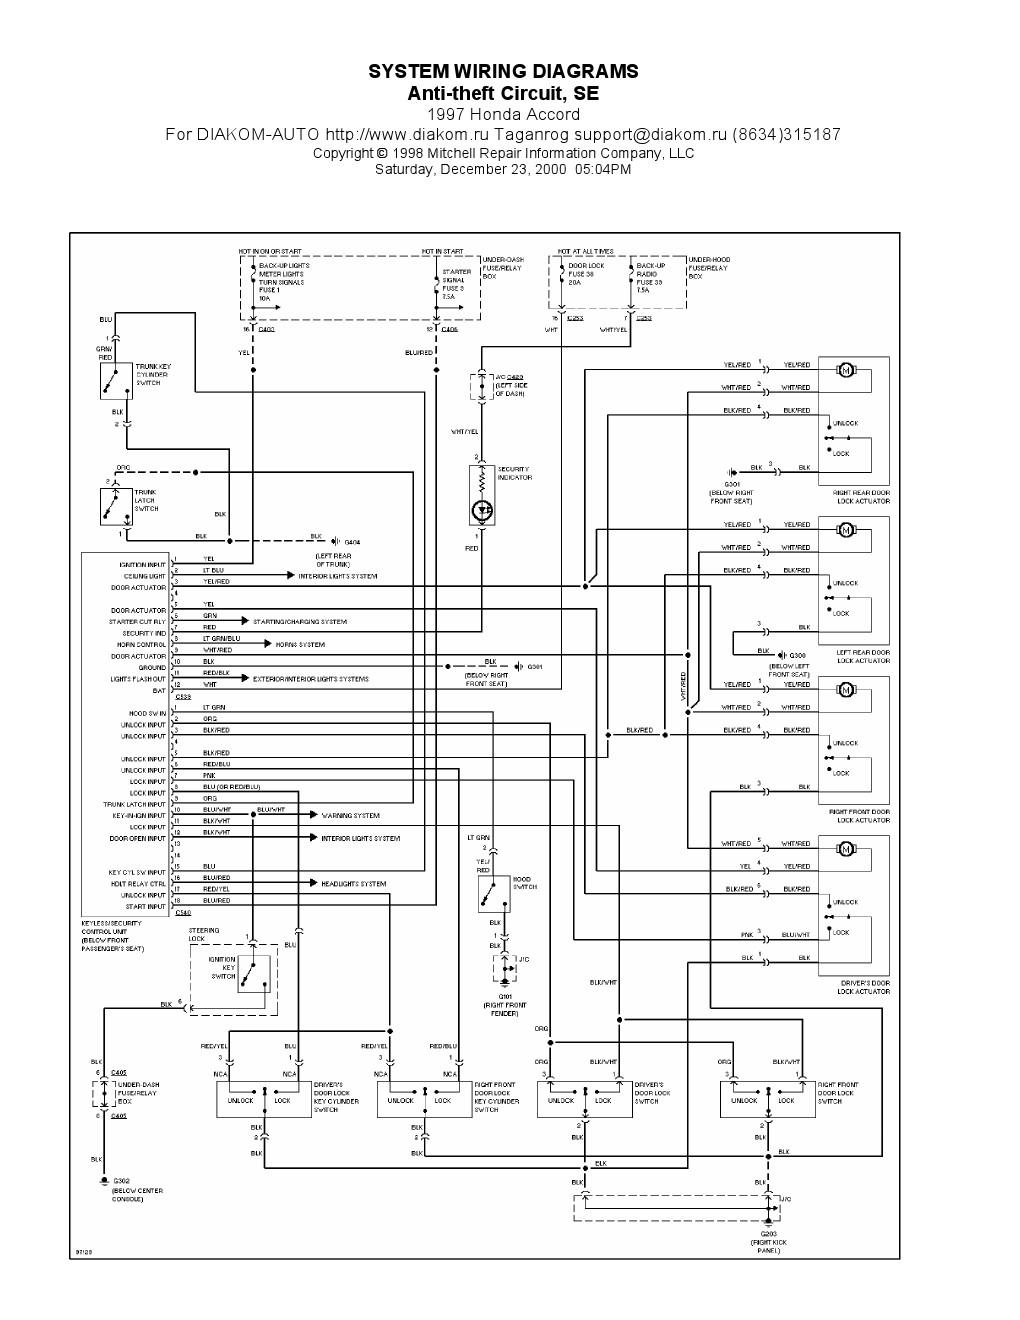 Wiring Diagram Honda Odyssey 2002 Hood Lock Trusted Diagrams Motorcycles Shadow 500 Lead Custom U2022